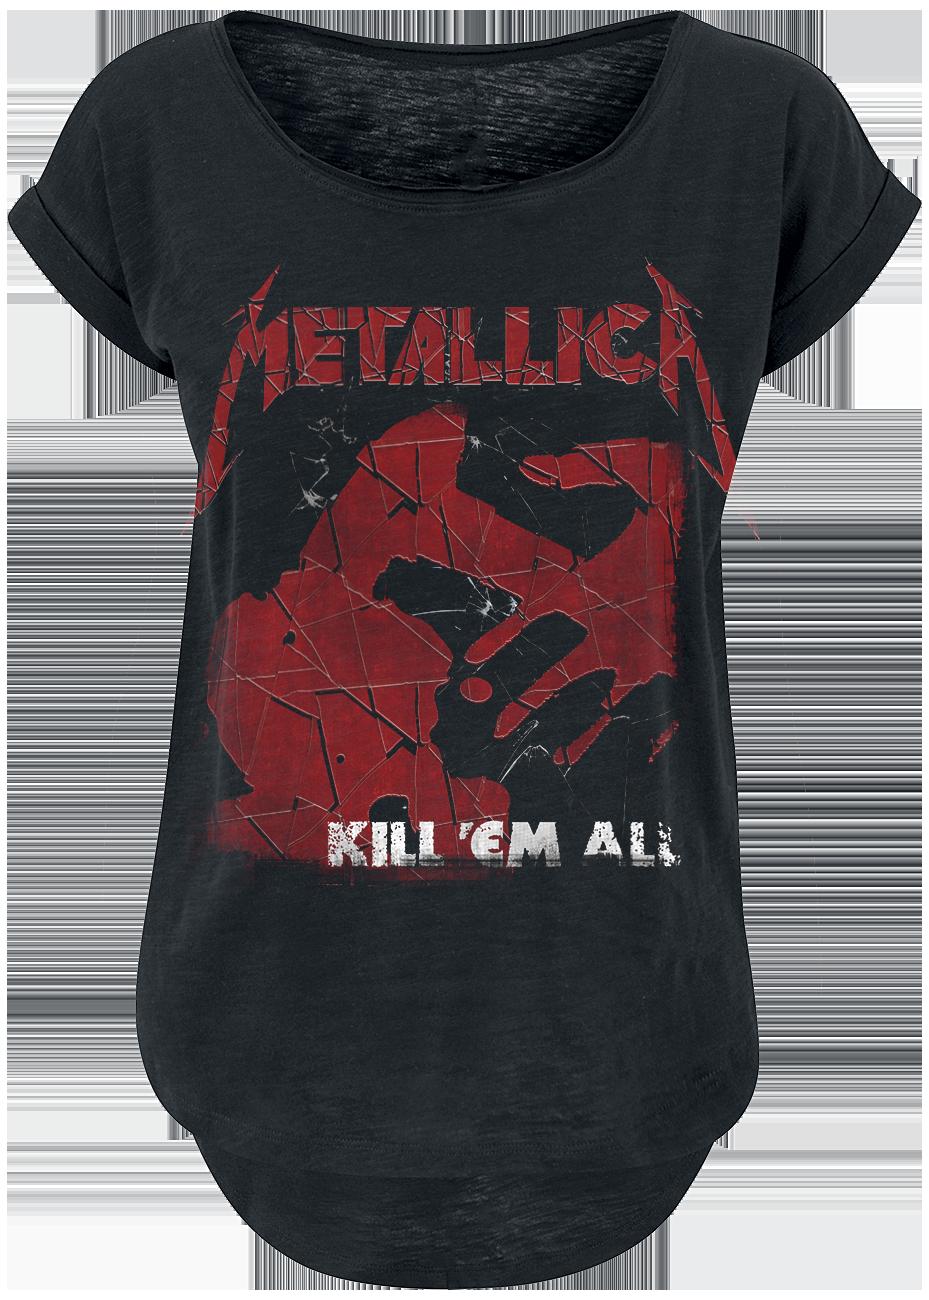 Metallica - Kill 'Em All Shattered - Girls shirt - black image